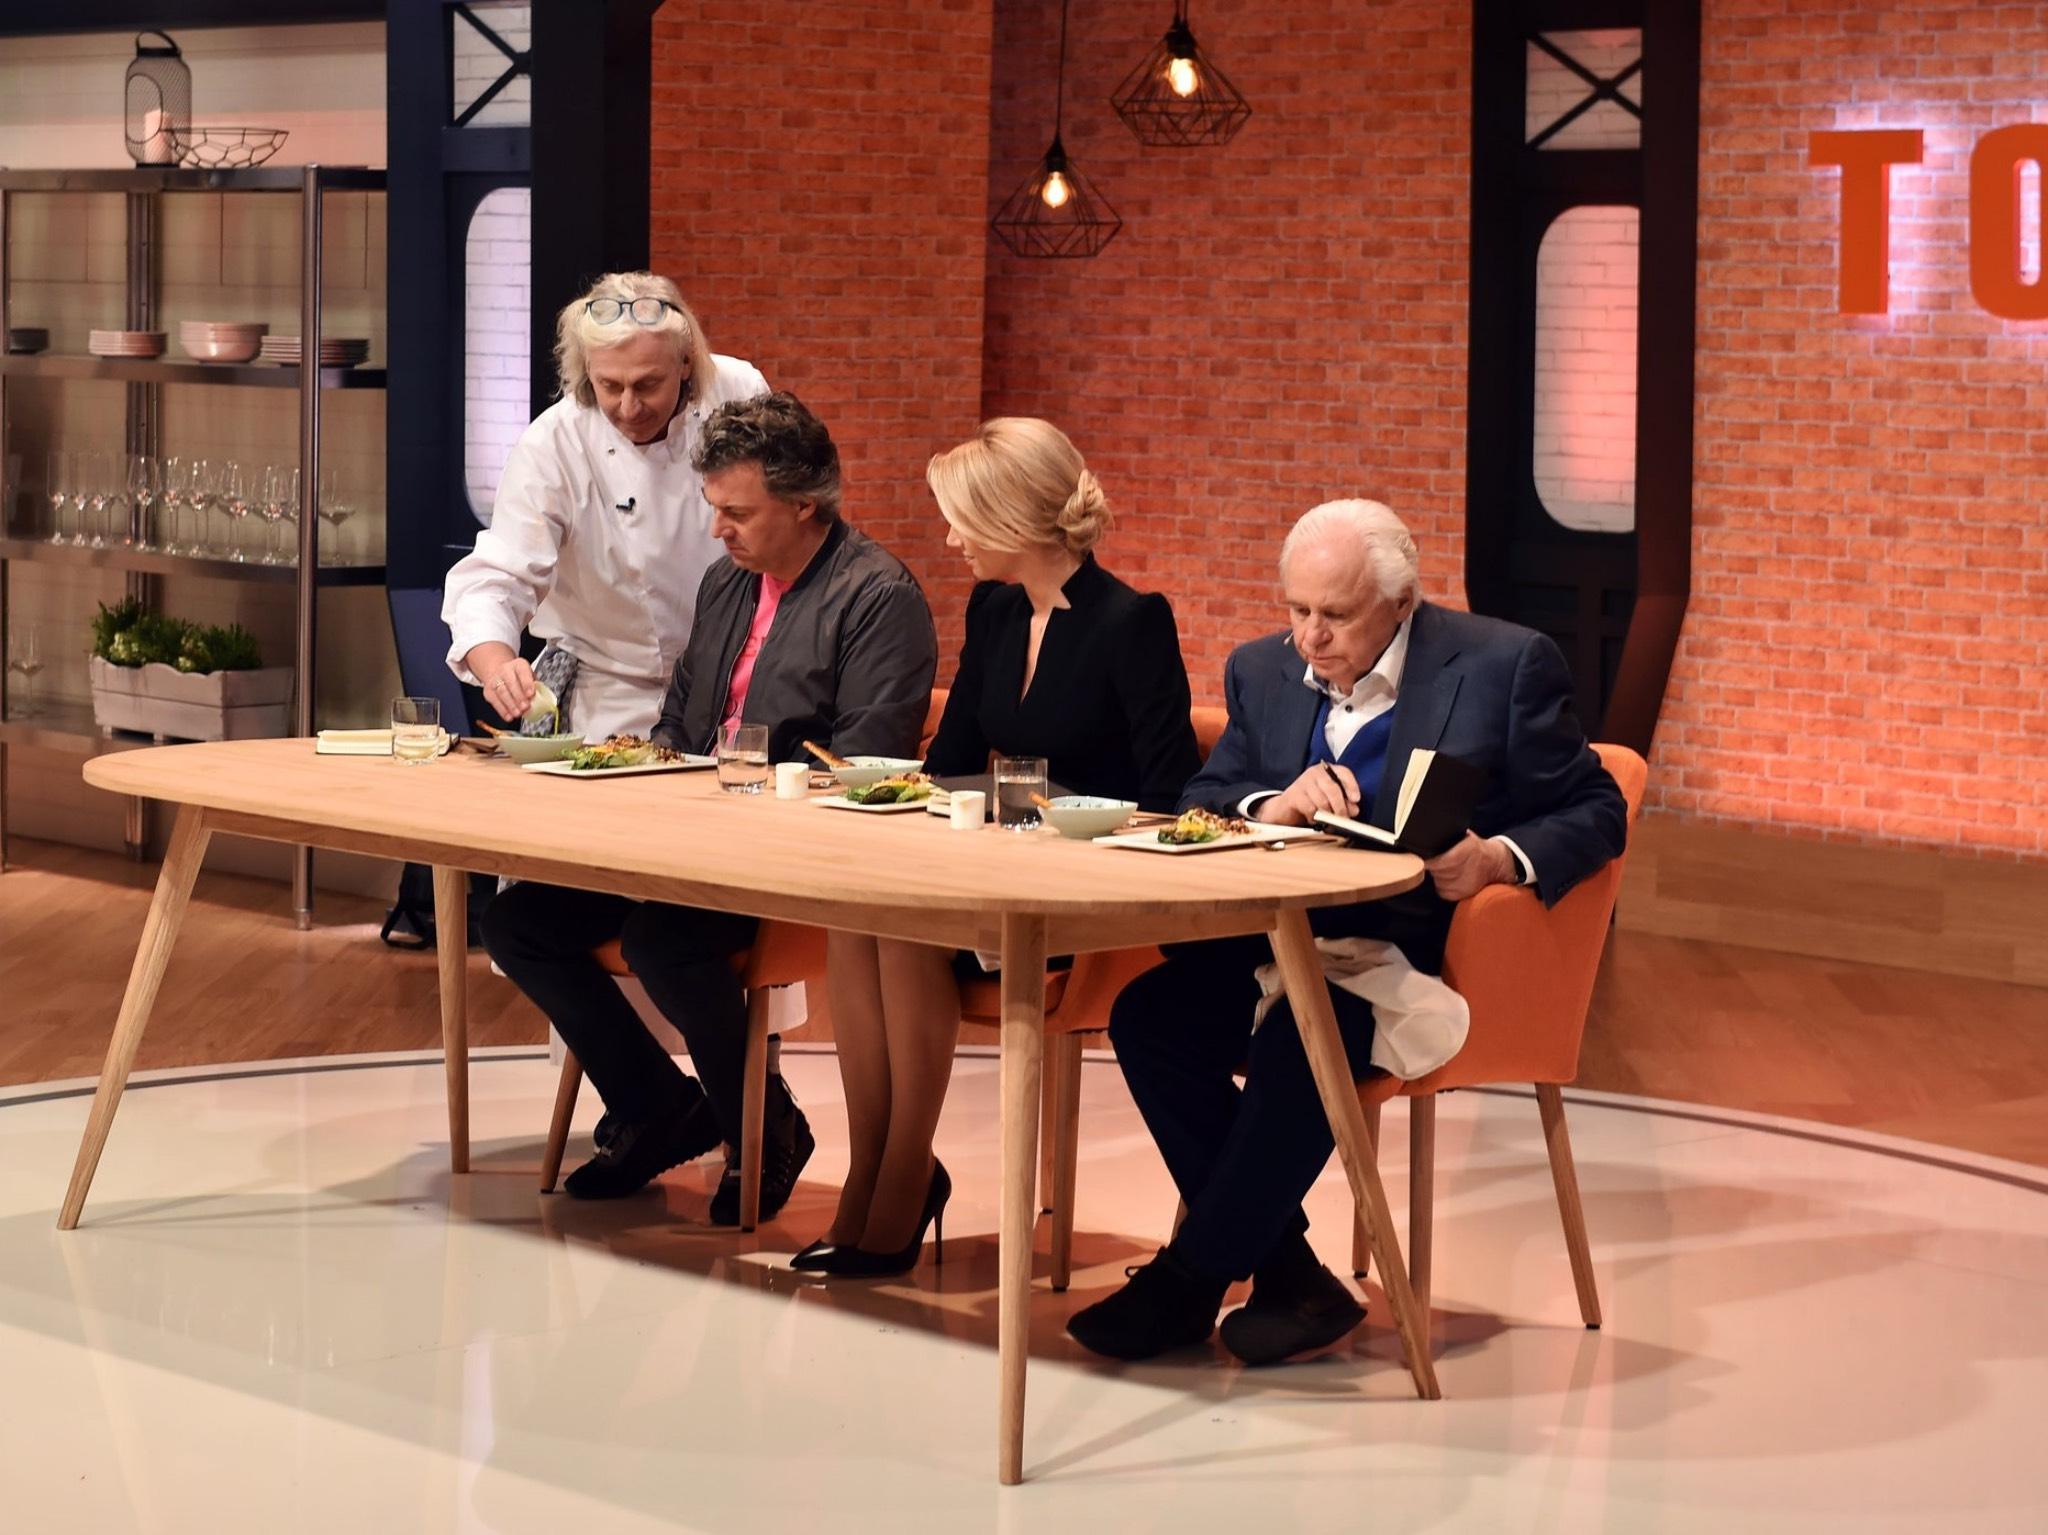 Bernhard Reiser muss die Jury Peter Maria Schnurr, Alexandra Kilian und Eckart Witzigmann (v.l.) überzeugen. Foto: SAT.1/André Kowalski